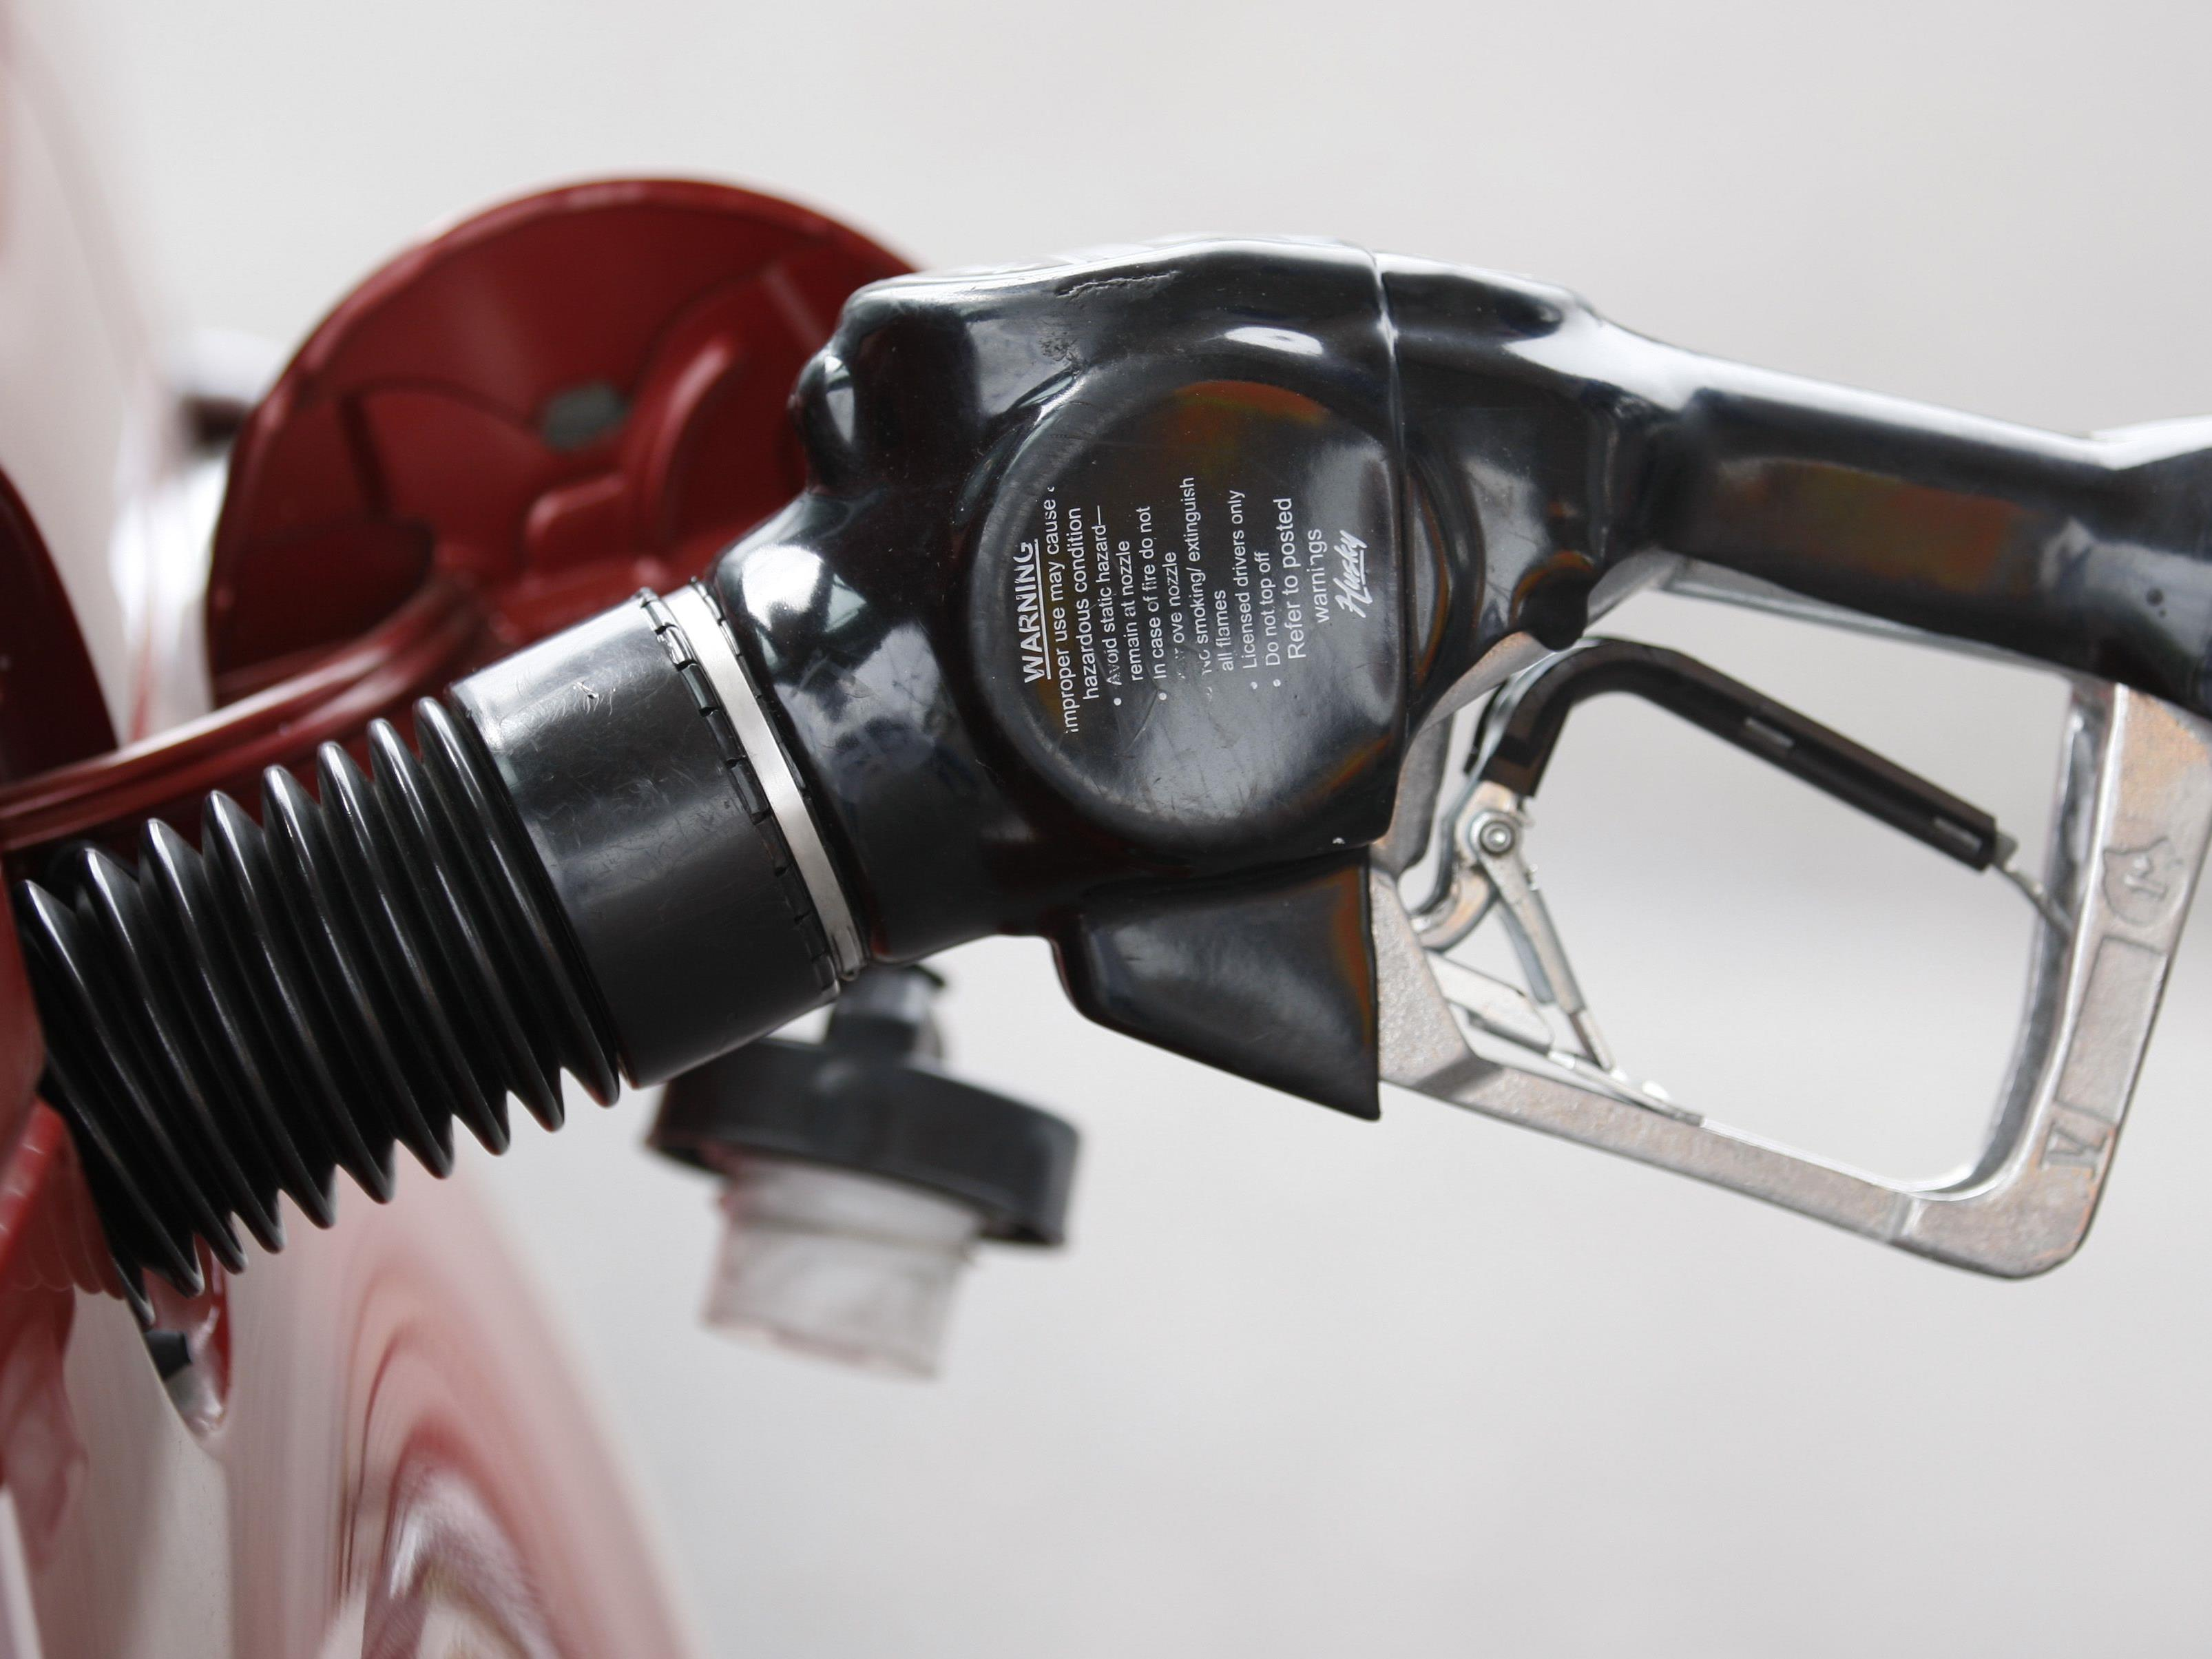 Vor allem durch die Treibstoffpreise wurde die Haushaltsenergie-Preise bestimmt